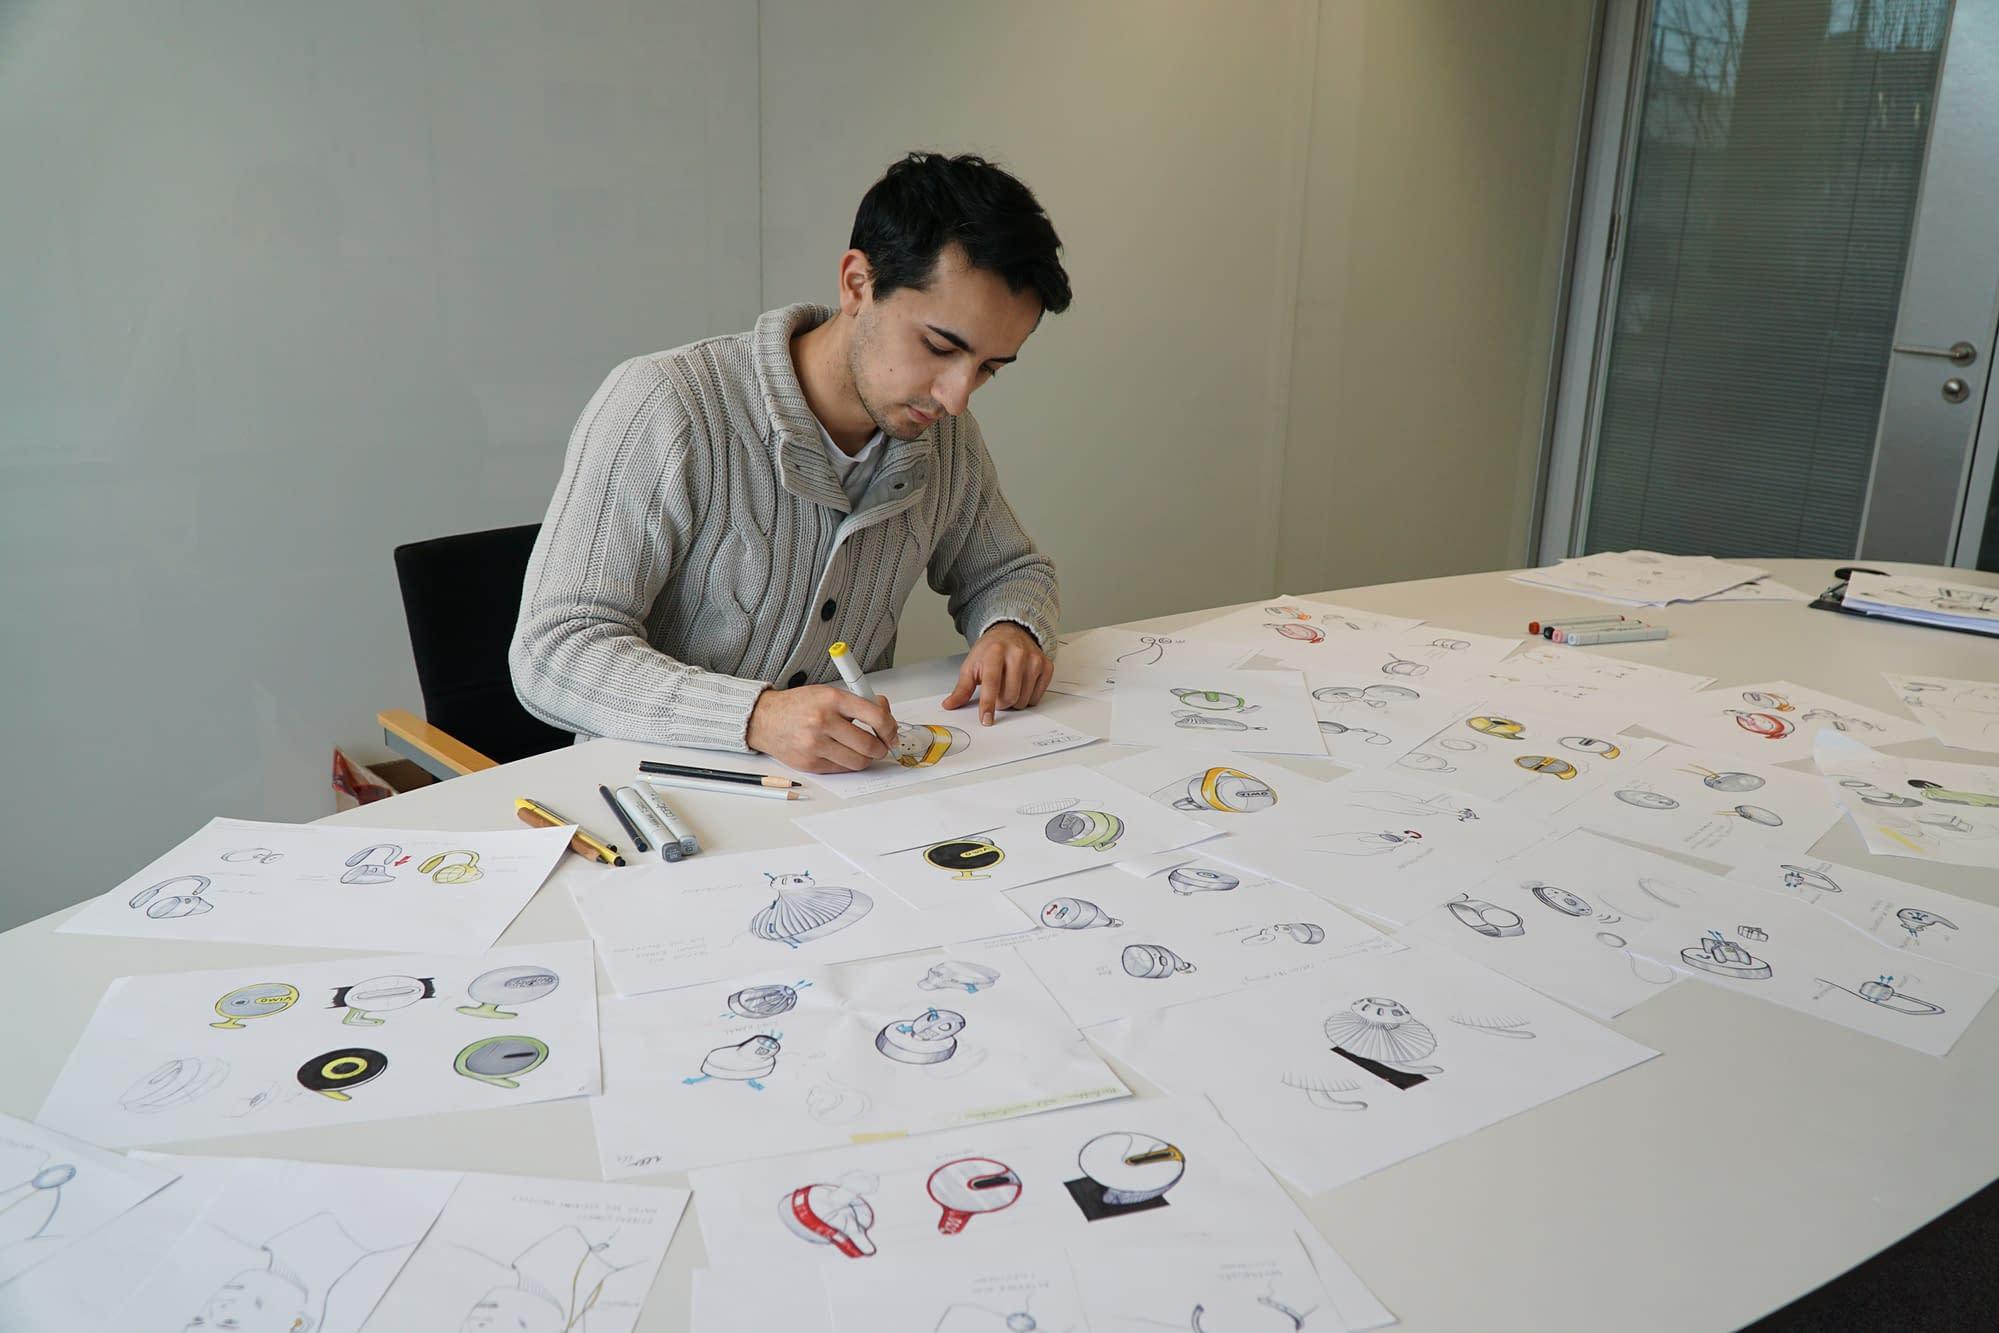 anfertigung von skizzen eines in-ear pulsoximeter durch händische zeichnungen am schreibtisch